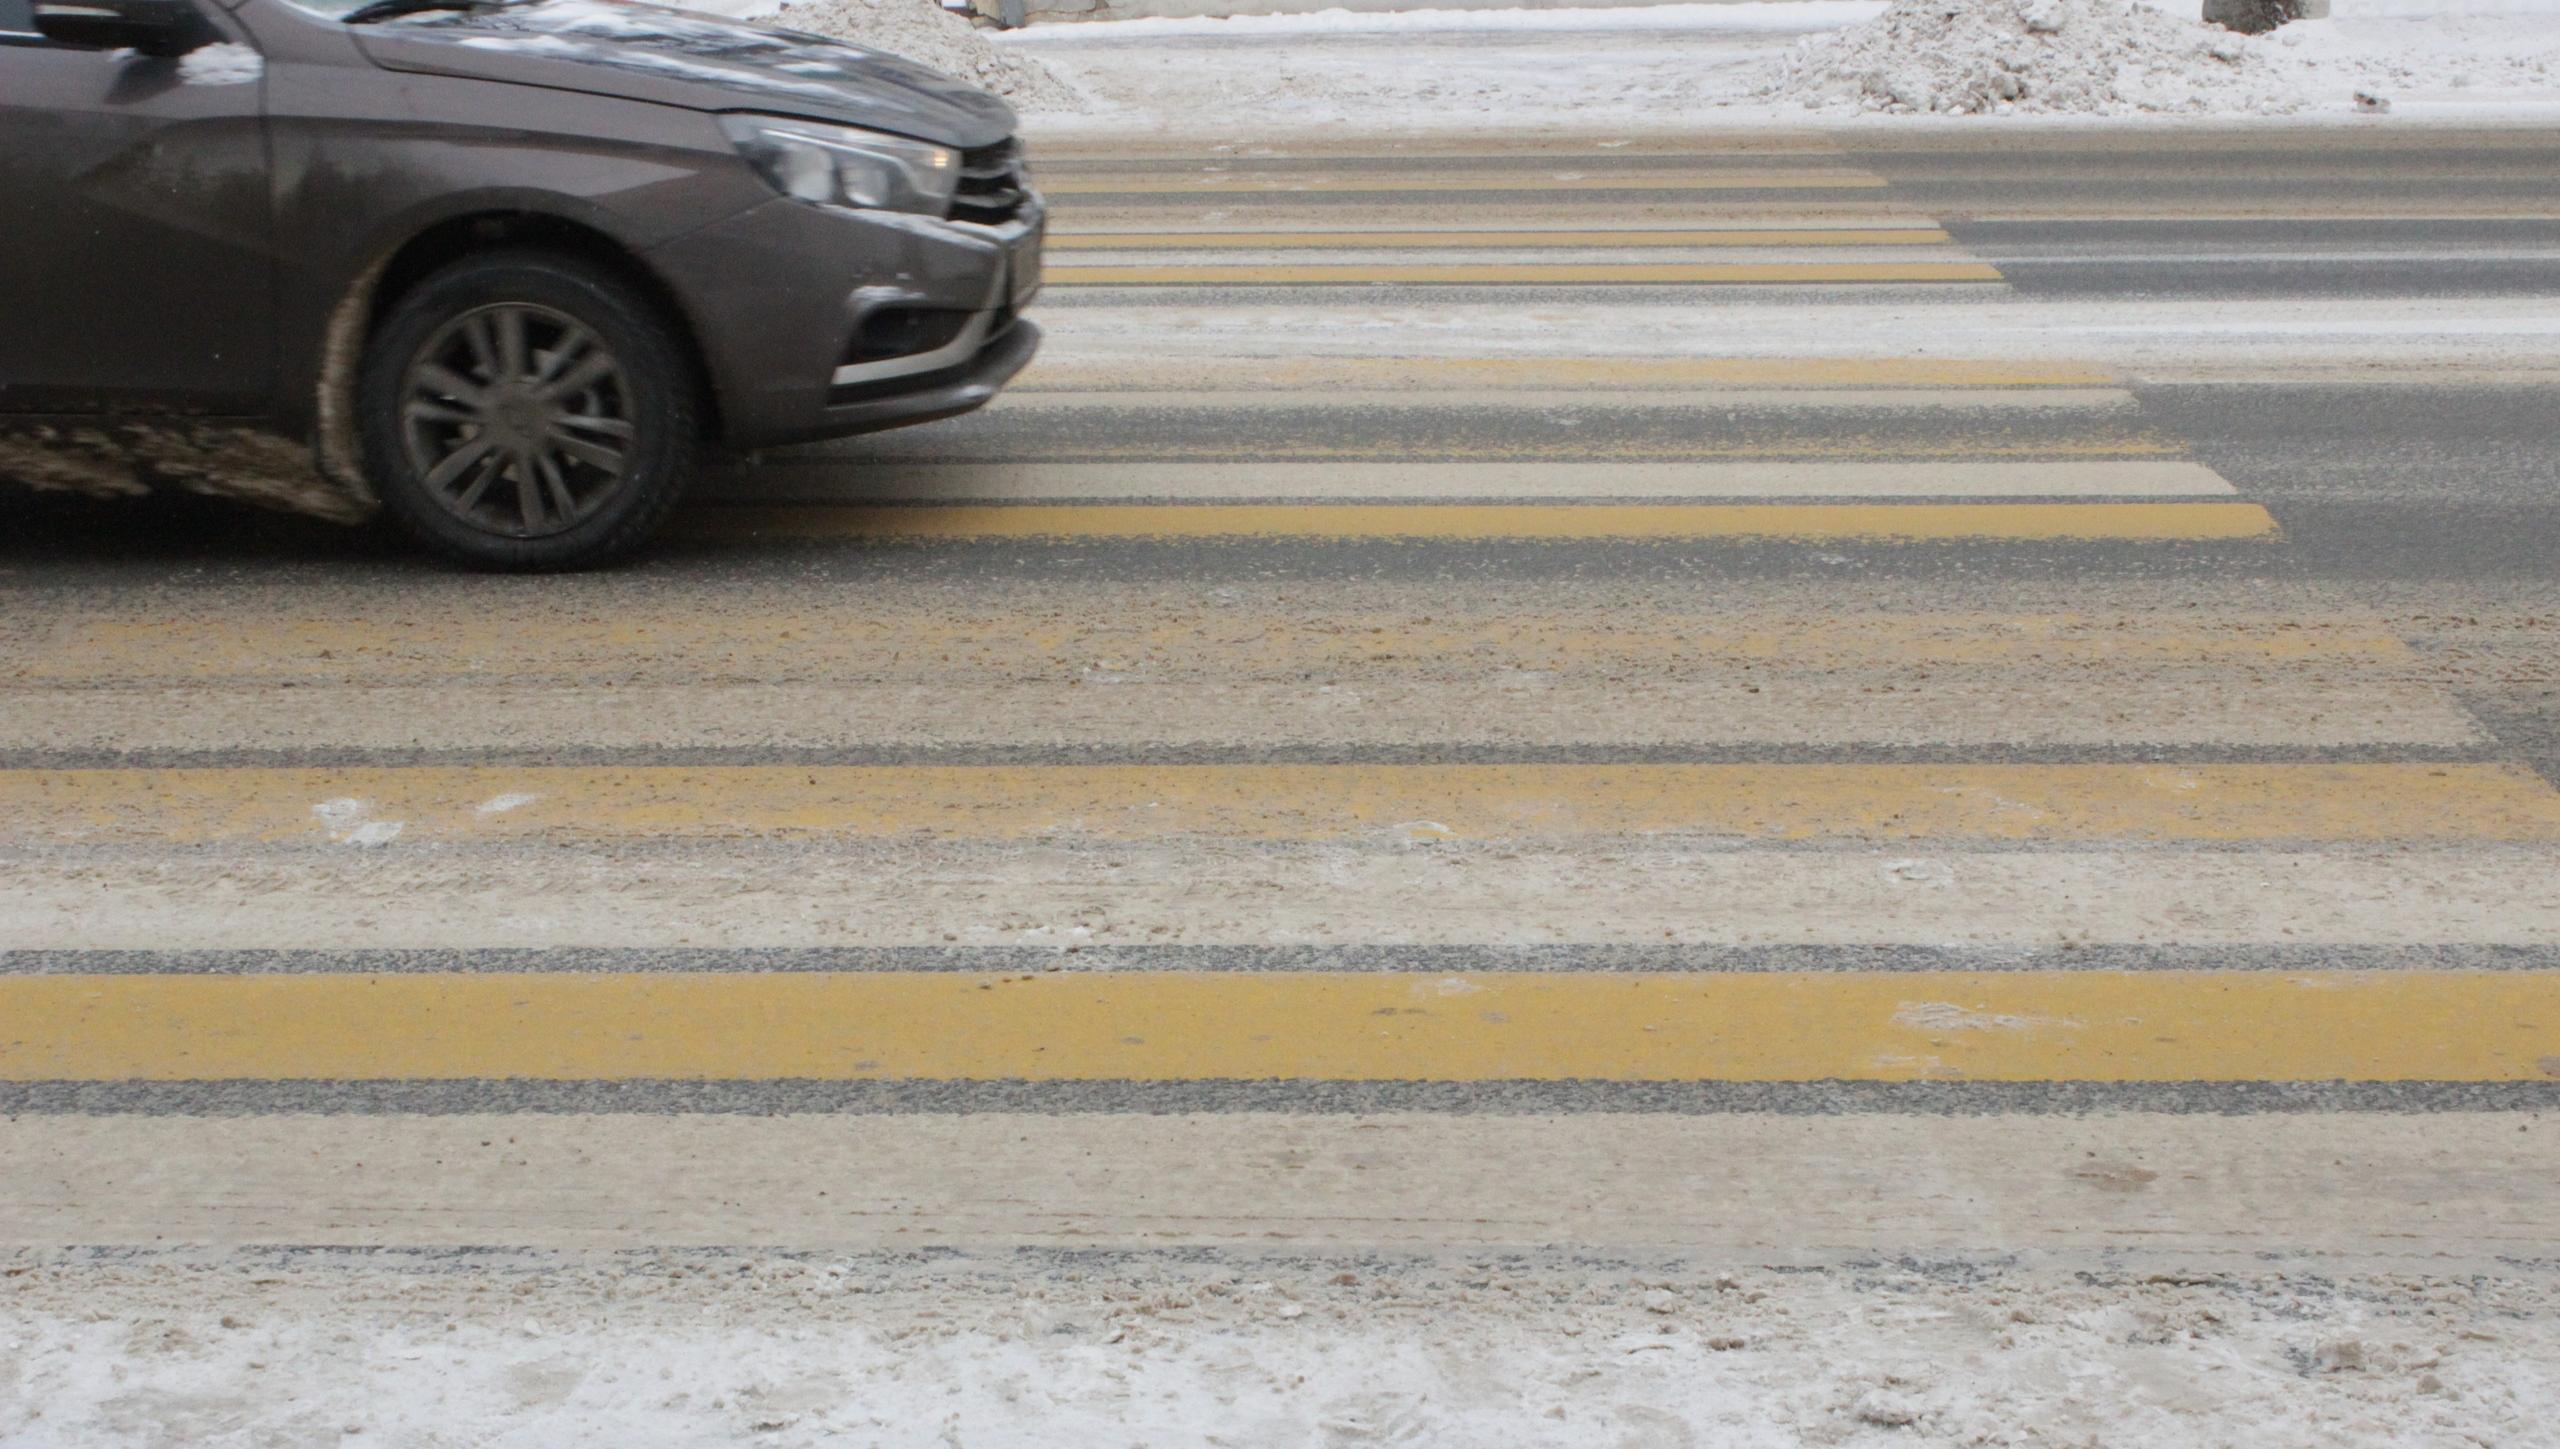 В Твери прокуратура выявила нарушения при уборке снега на дорогах - новости Афанасий